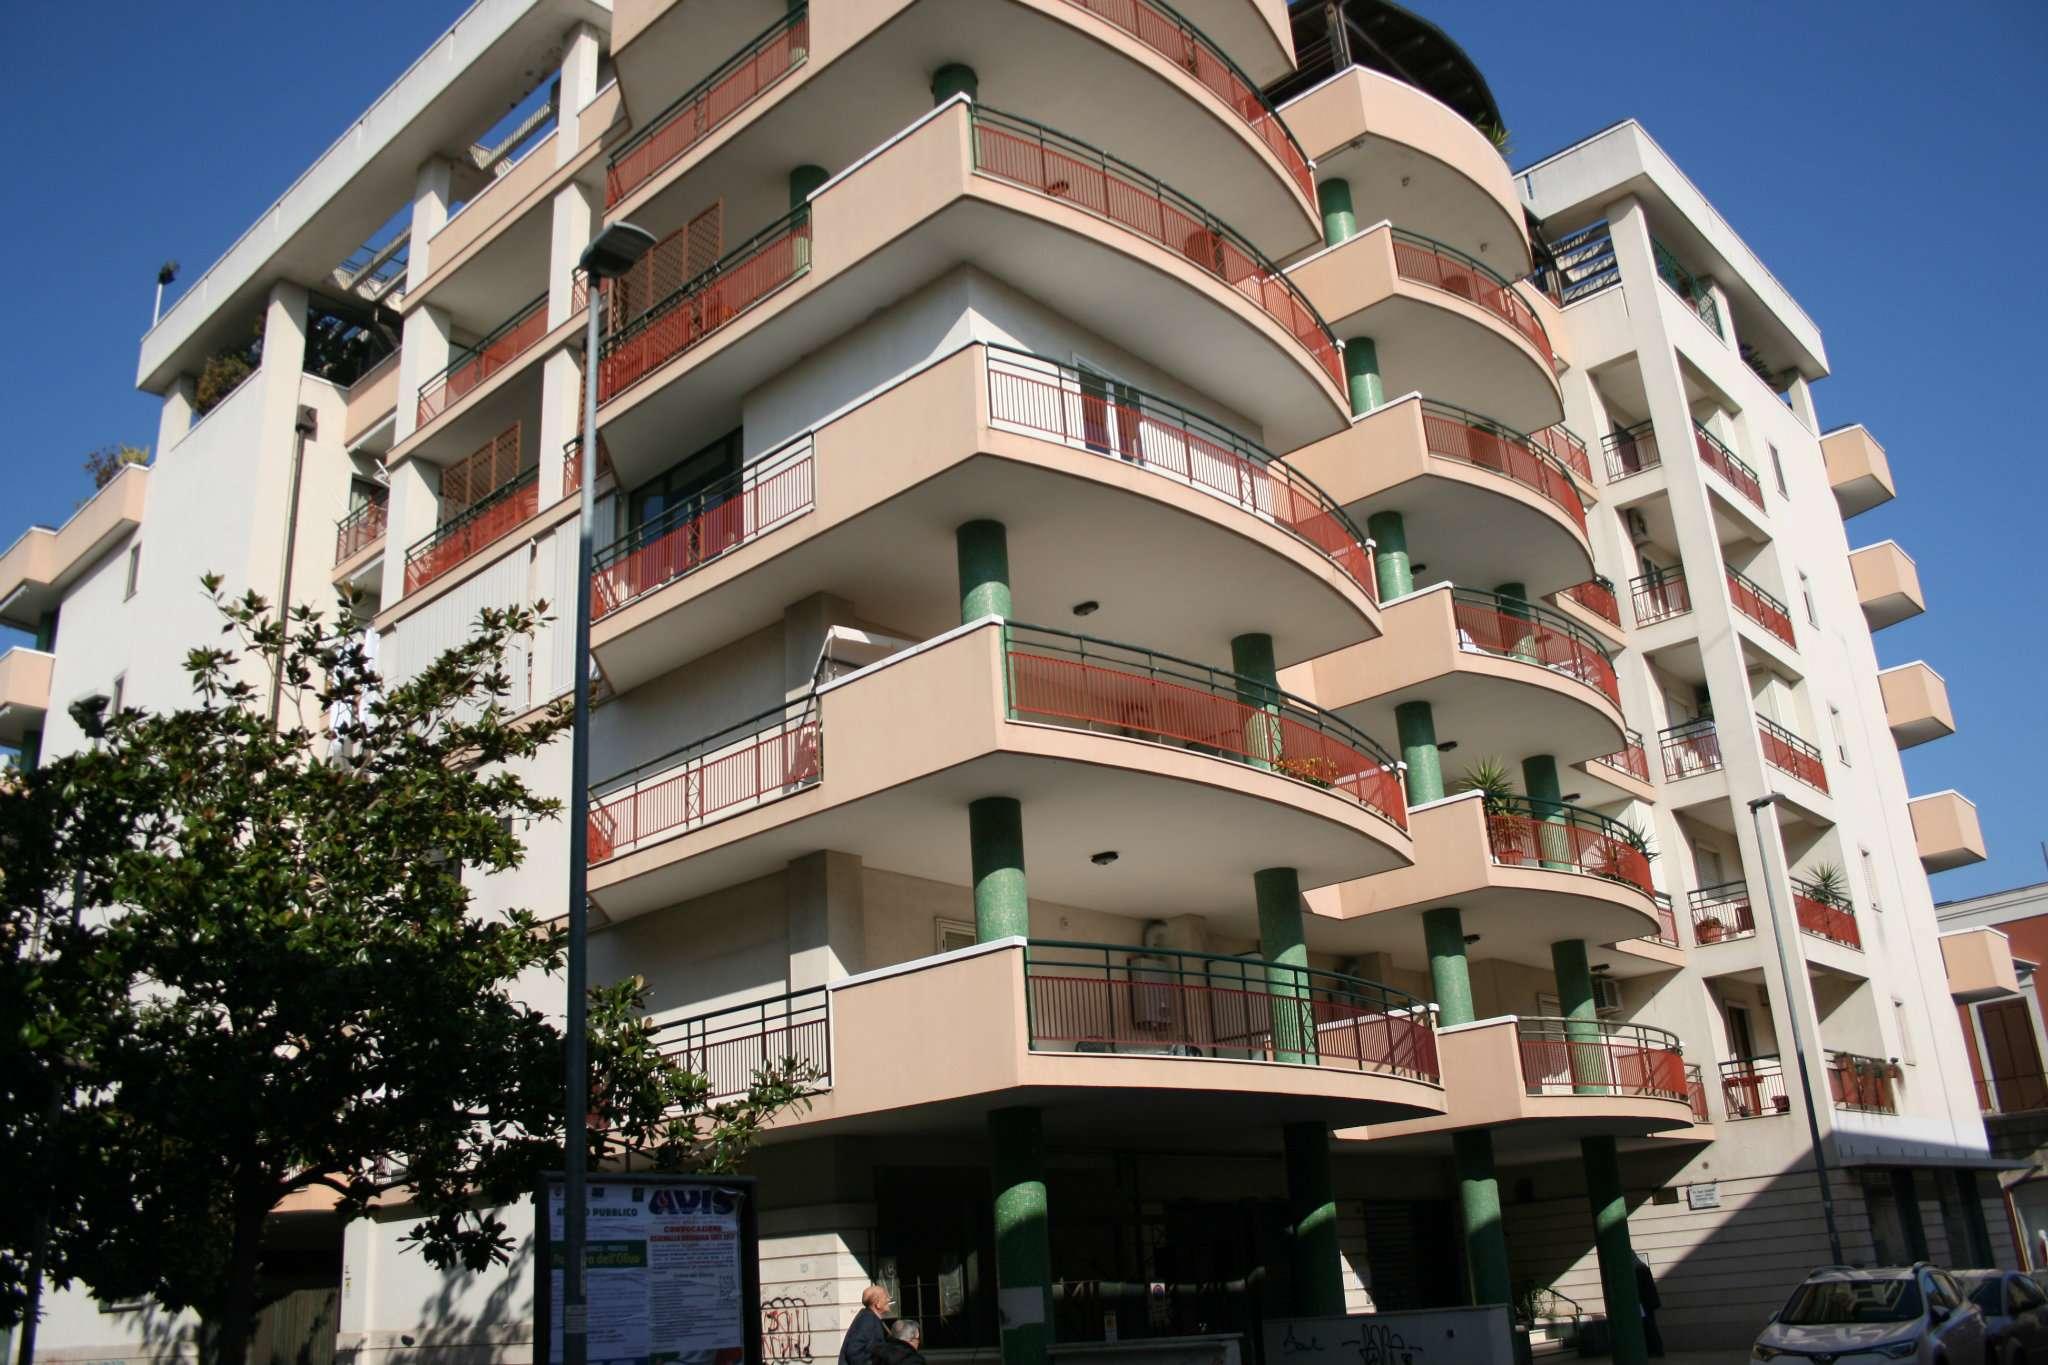 Appartamento in vendita a Bisceglie, 6 locali, prezzo € 320.000   Cambio Casa.it